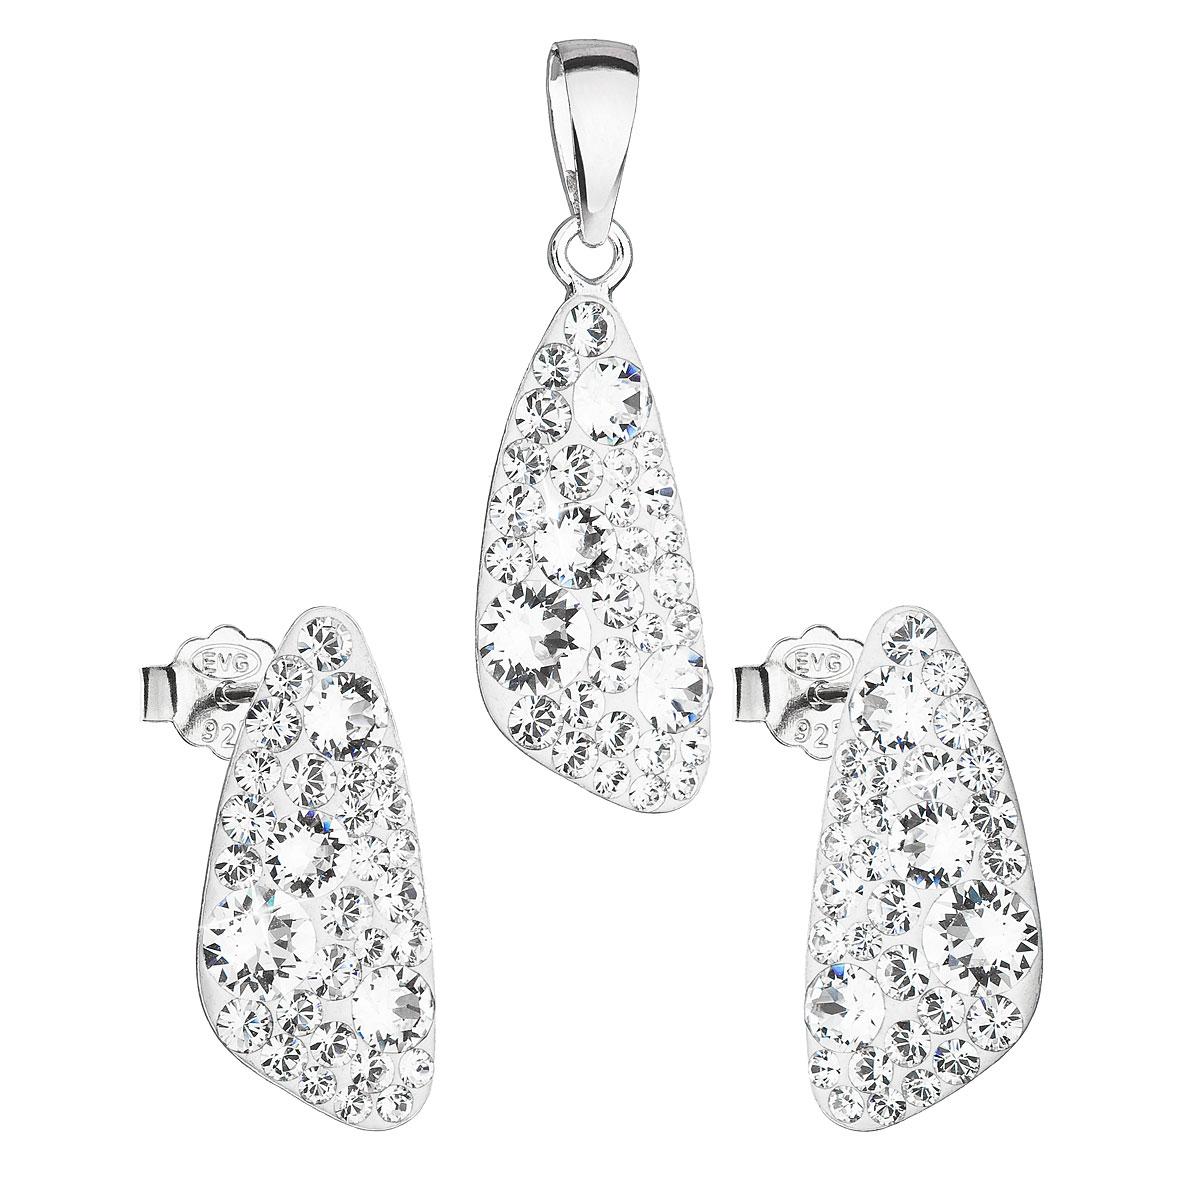 Sada šperkov s krištáľmi Swarovski náušnice a prívesok biely 39167.1